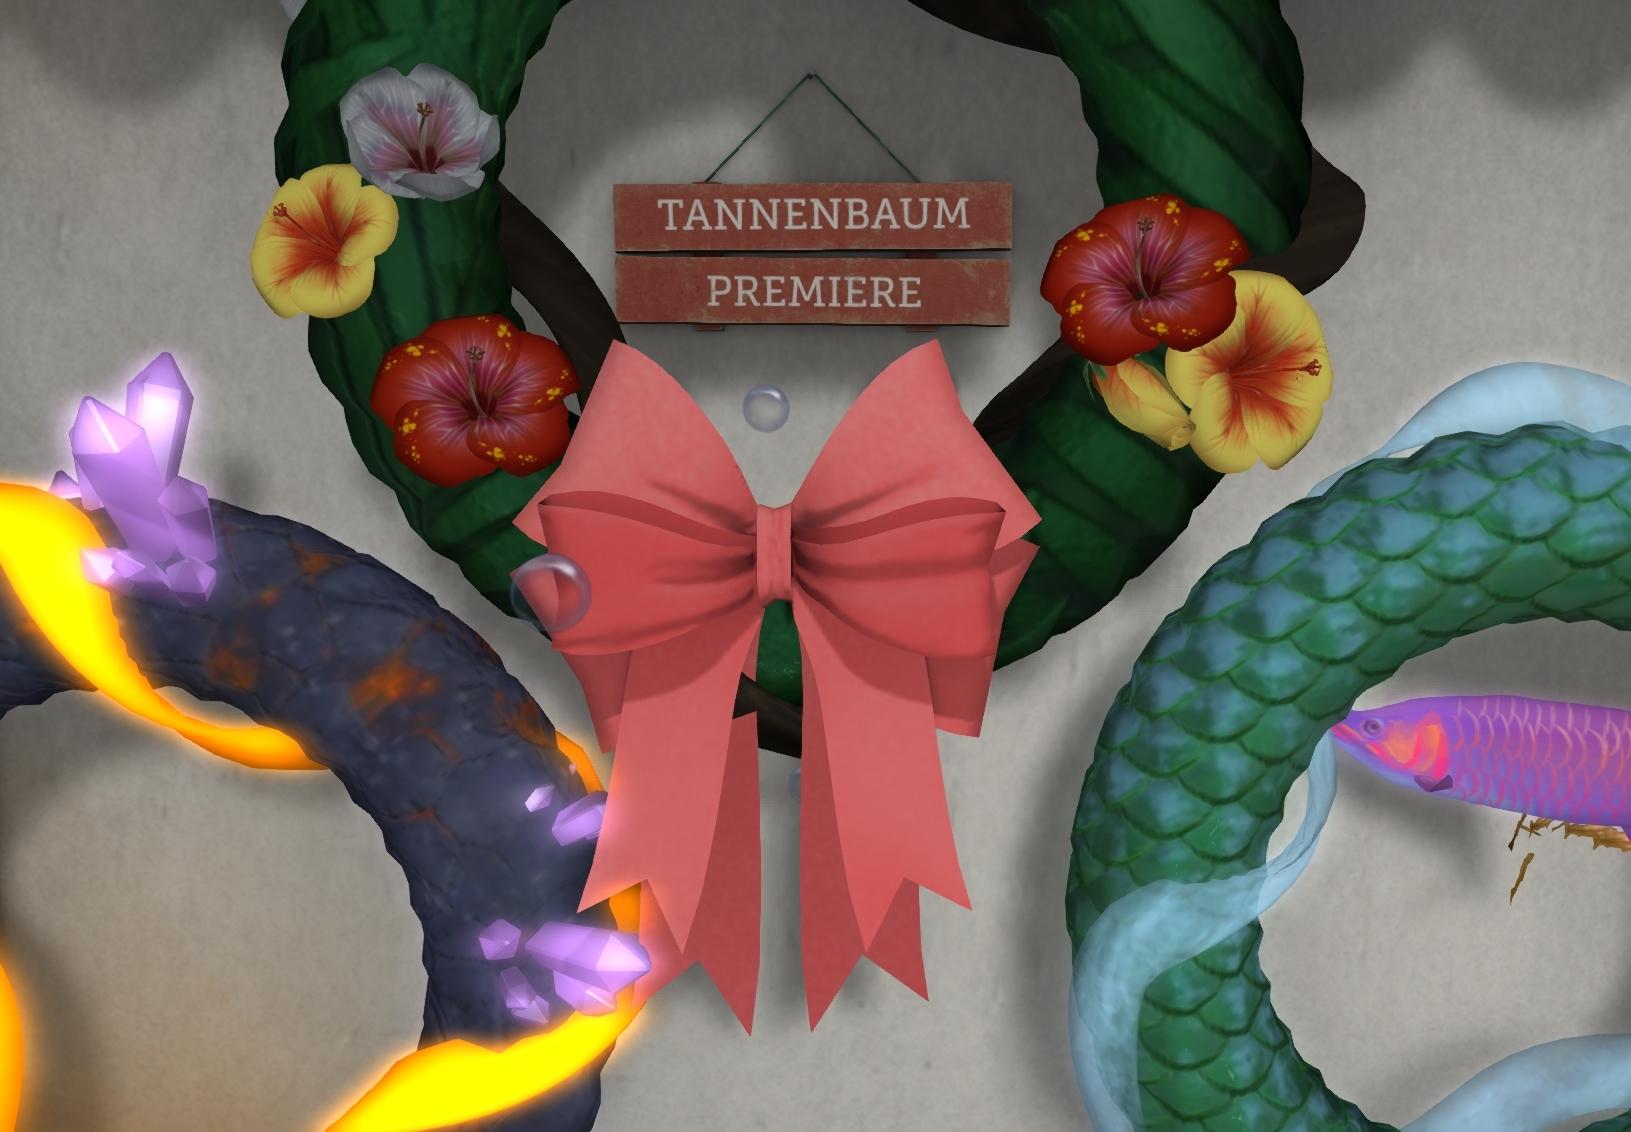 Themed Wreaths at Tannenbaum!